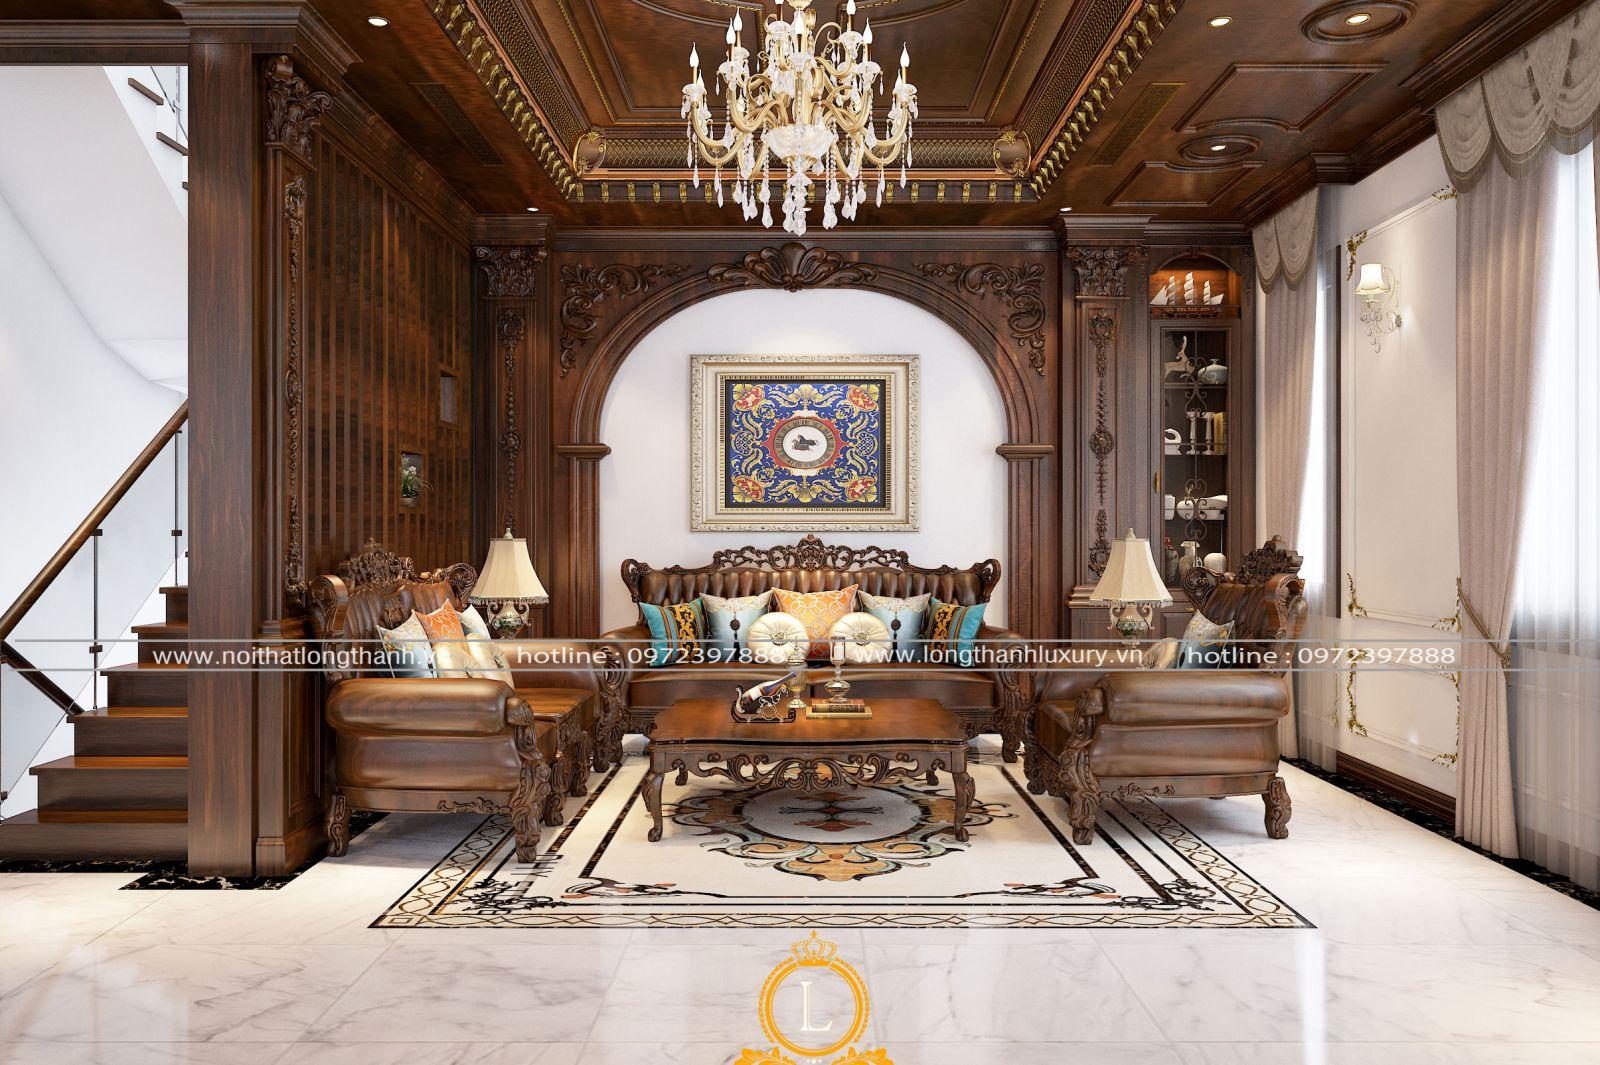 Phòng khách biệt thự với bộ sofa vừa vặn trong phòng khách đẹp